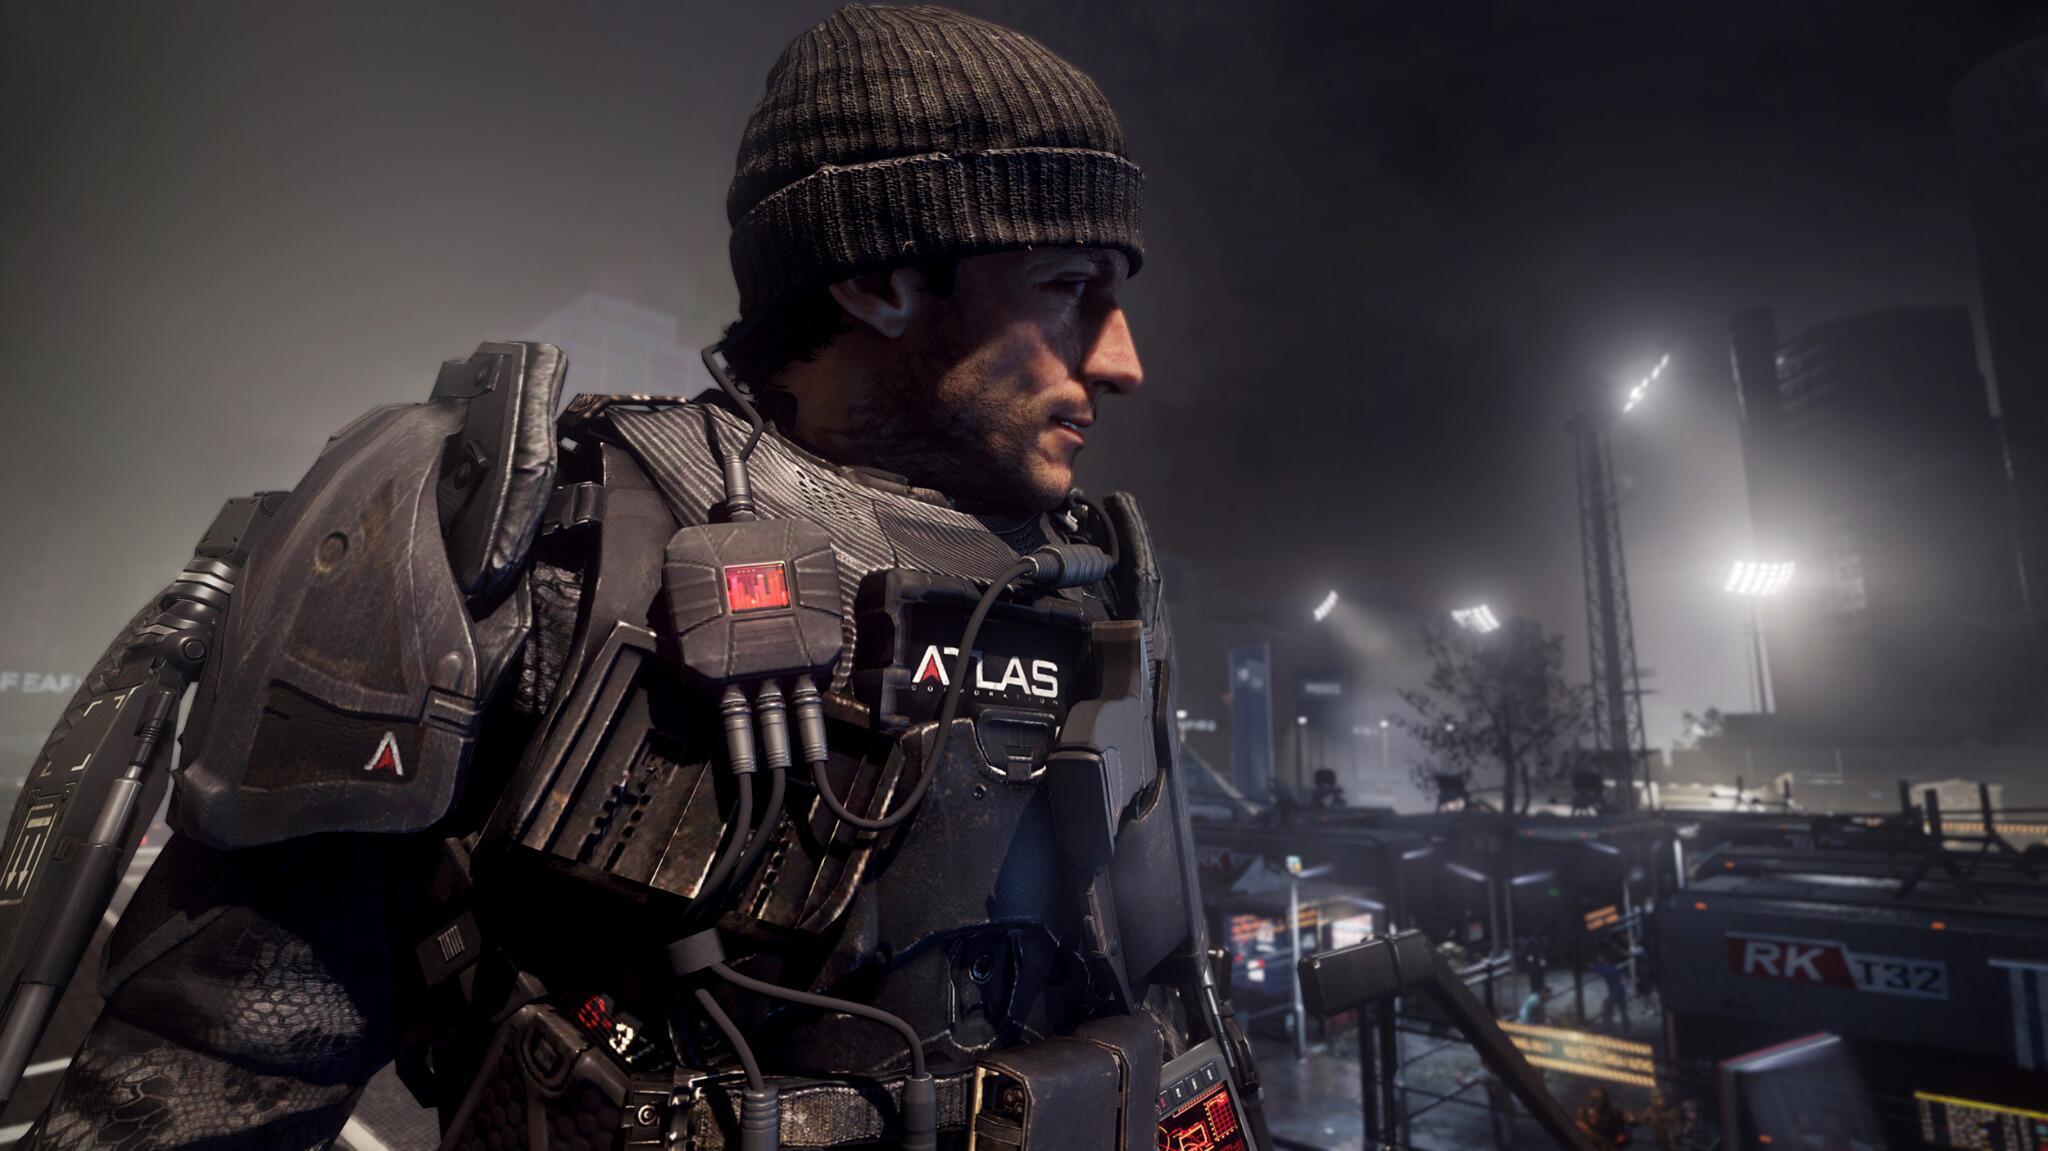 Un militaire avec une armure de ouf... et un bonnet sur la tête (>_<?) #COD http://t.co/xAN0M7r8YQ